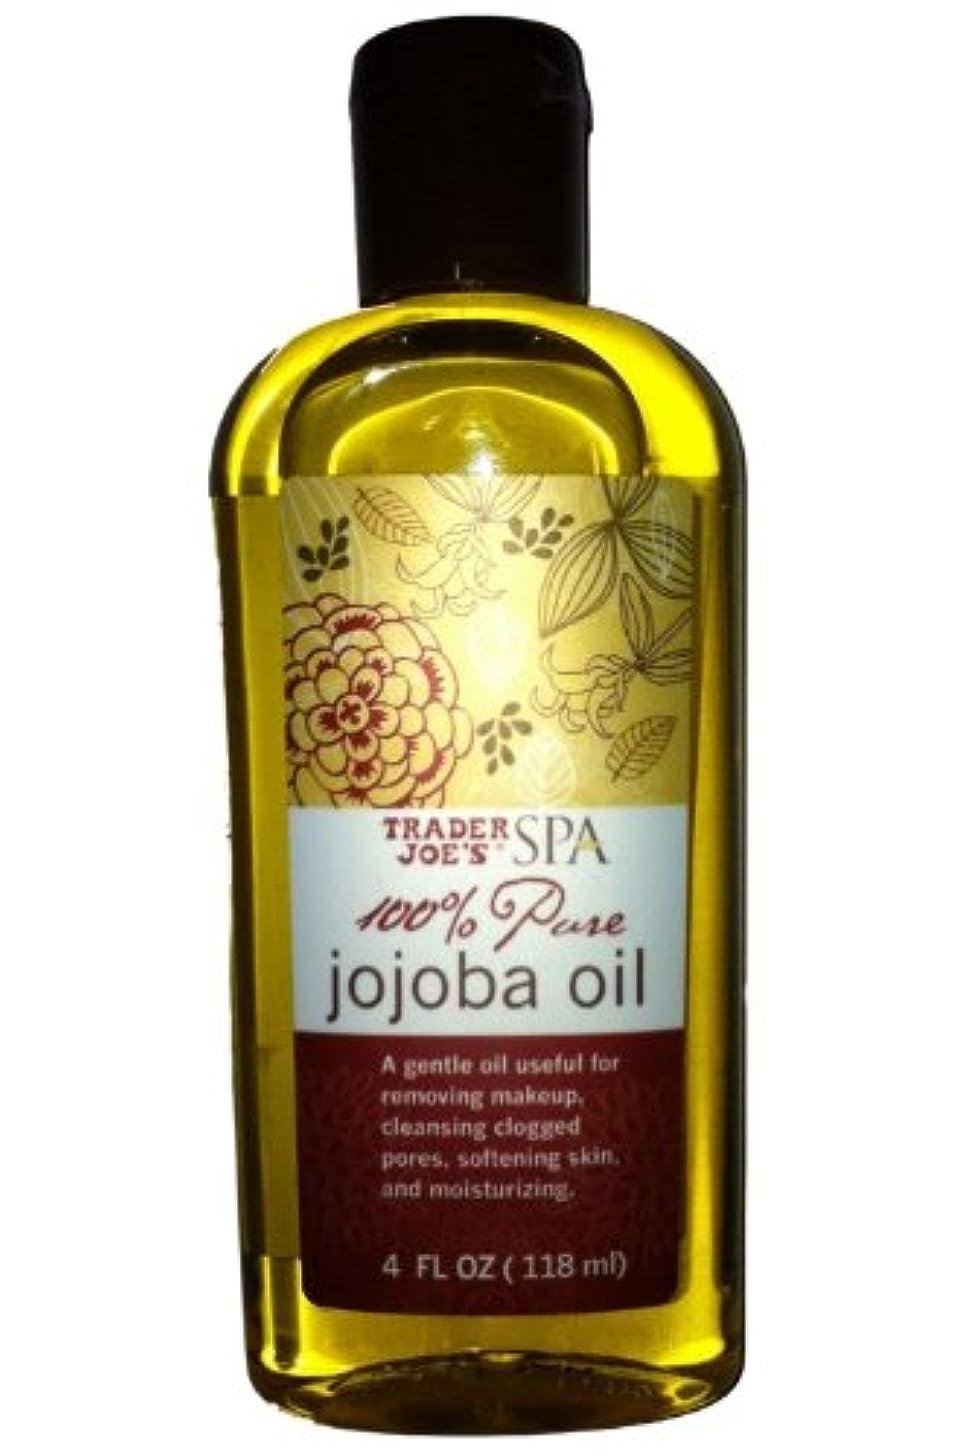 サーバ砂エピソードトレーダージョーズ 100%ピュア ホホバオイル[並行輸入品] Trader Joe's SPA 100% Pure Jojoba Oil (4FL OZ/118ml)